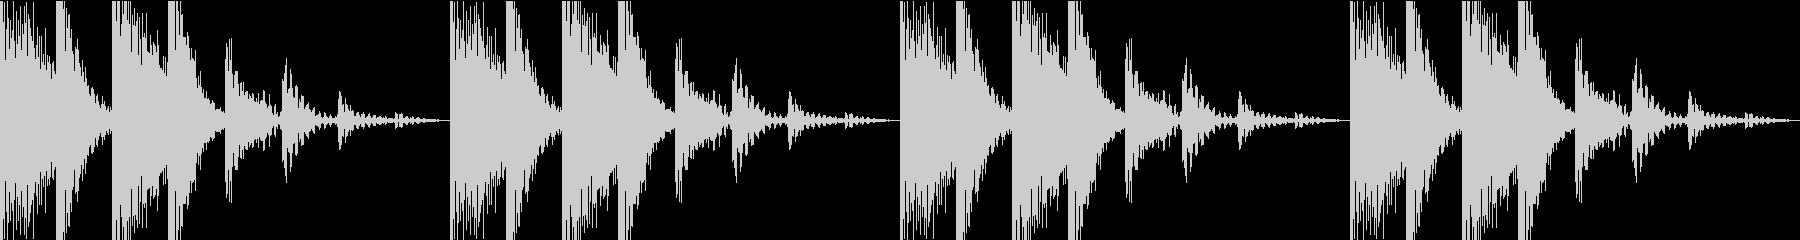 SFX ケミカルなループ 騙し合いの未再生の波形